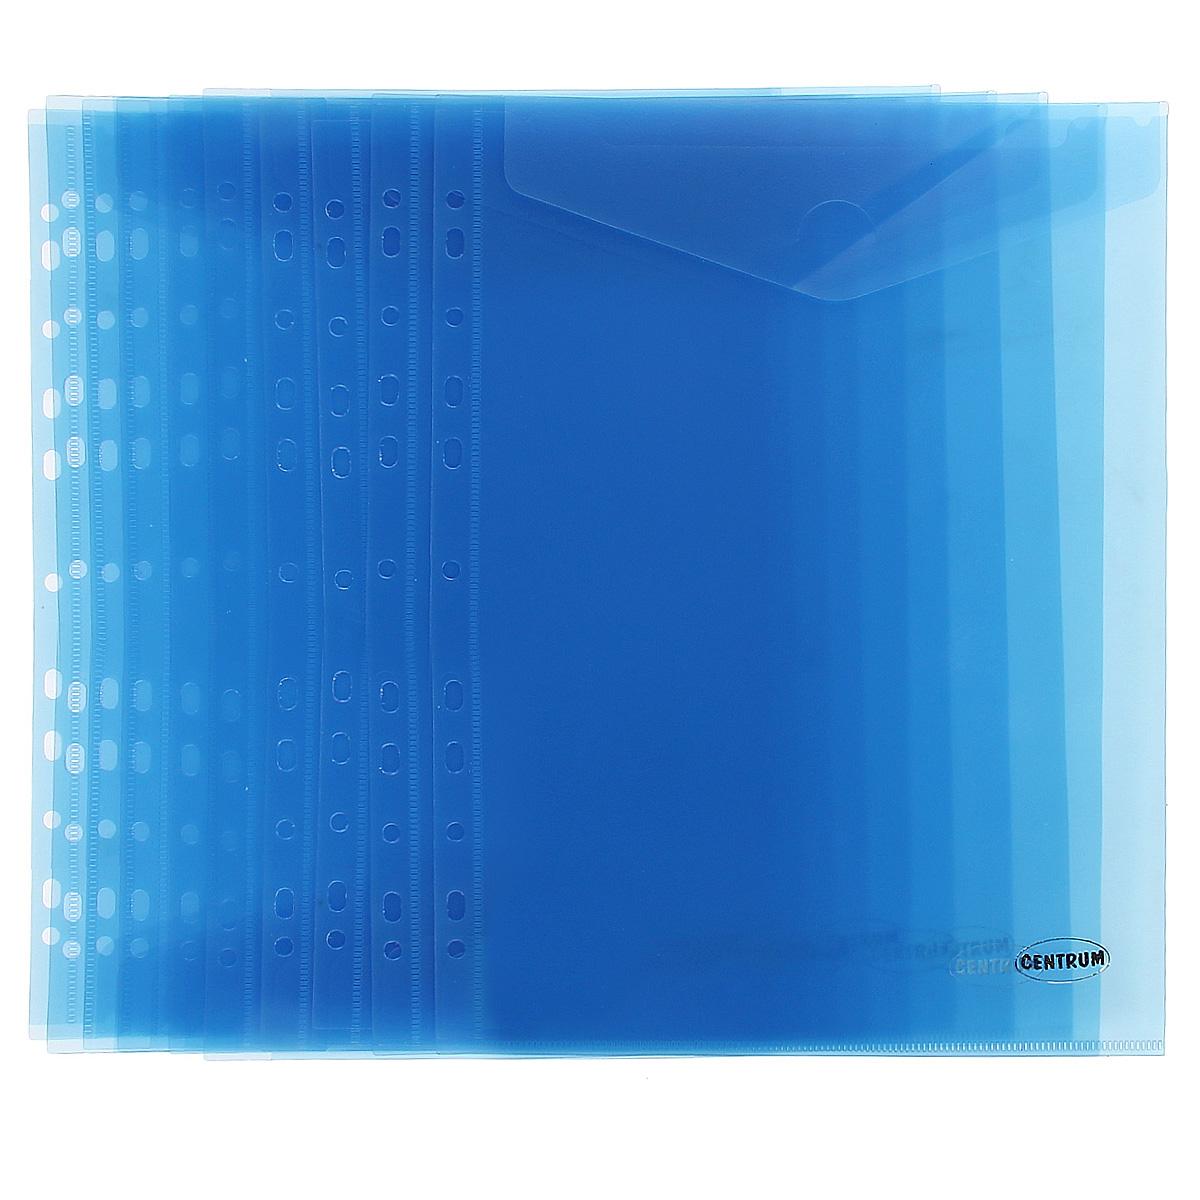 Папка-конверт Centrum, вертикальная, с перфорацией, цвет: синий. Формат А4, 10 шт80630_синийПапка-конверт Centrum - это удобный и практичный офисный инструмент, предназначенный для хранения и транспортировки рабочих бумаг и документов формата А4. Папка изготовлена из полупрозрачного матового пластика, имеет перфорацию. В комплект входят 10 папок формата А4. Папка-конверт - это незаменимый атрибут для студента, школьника, офисного работника. Такая папка надежно сохранит ваши документы и сбережет их от повреждений, пыли и влаги.